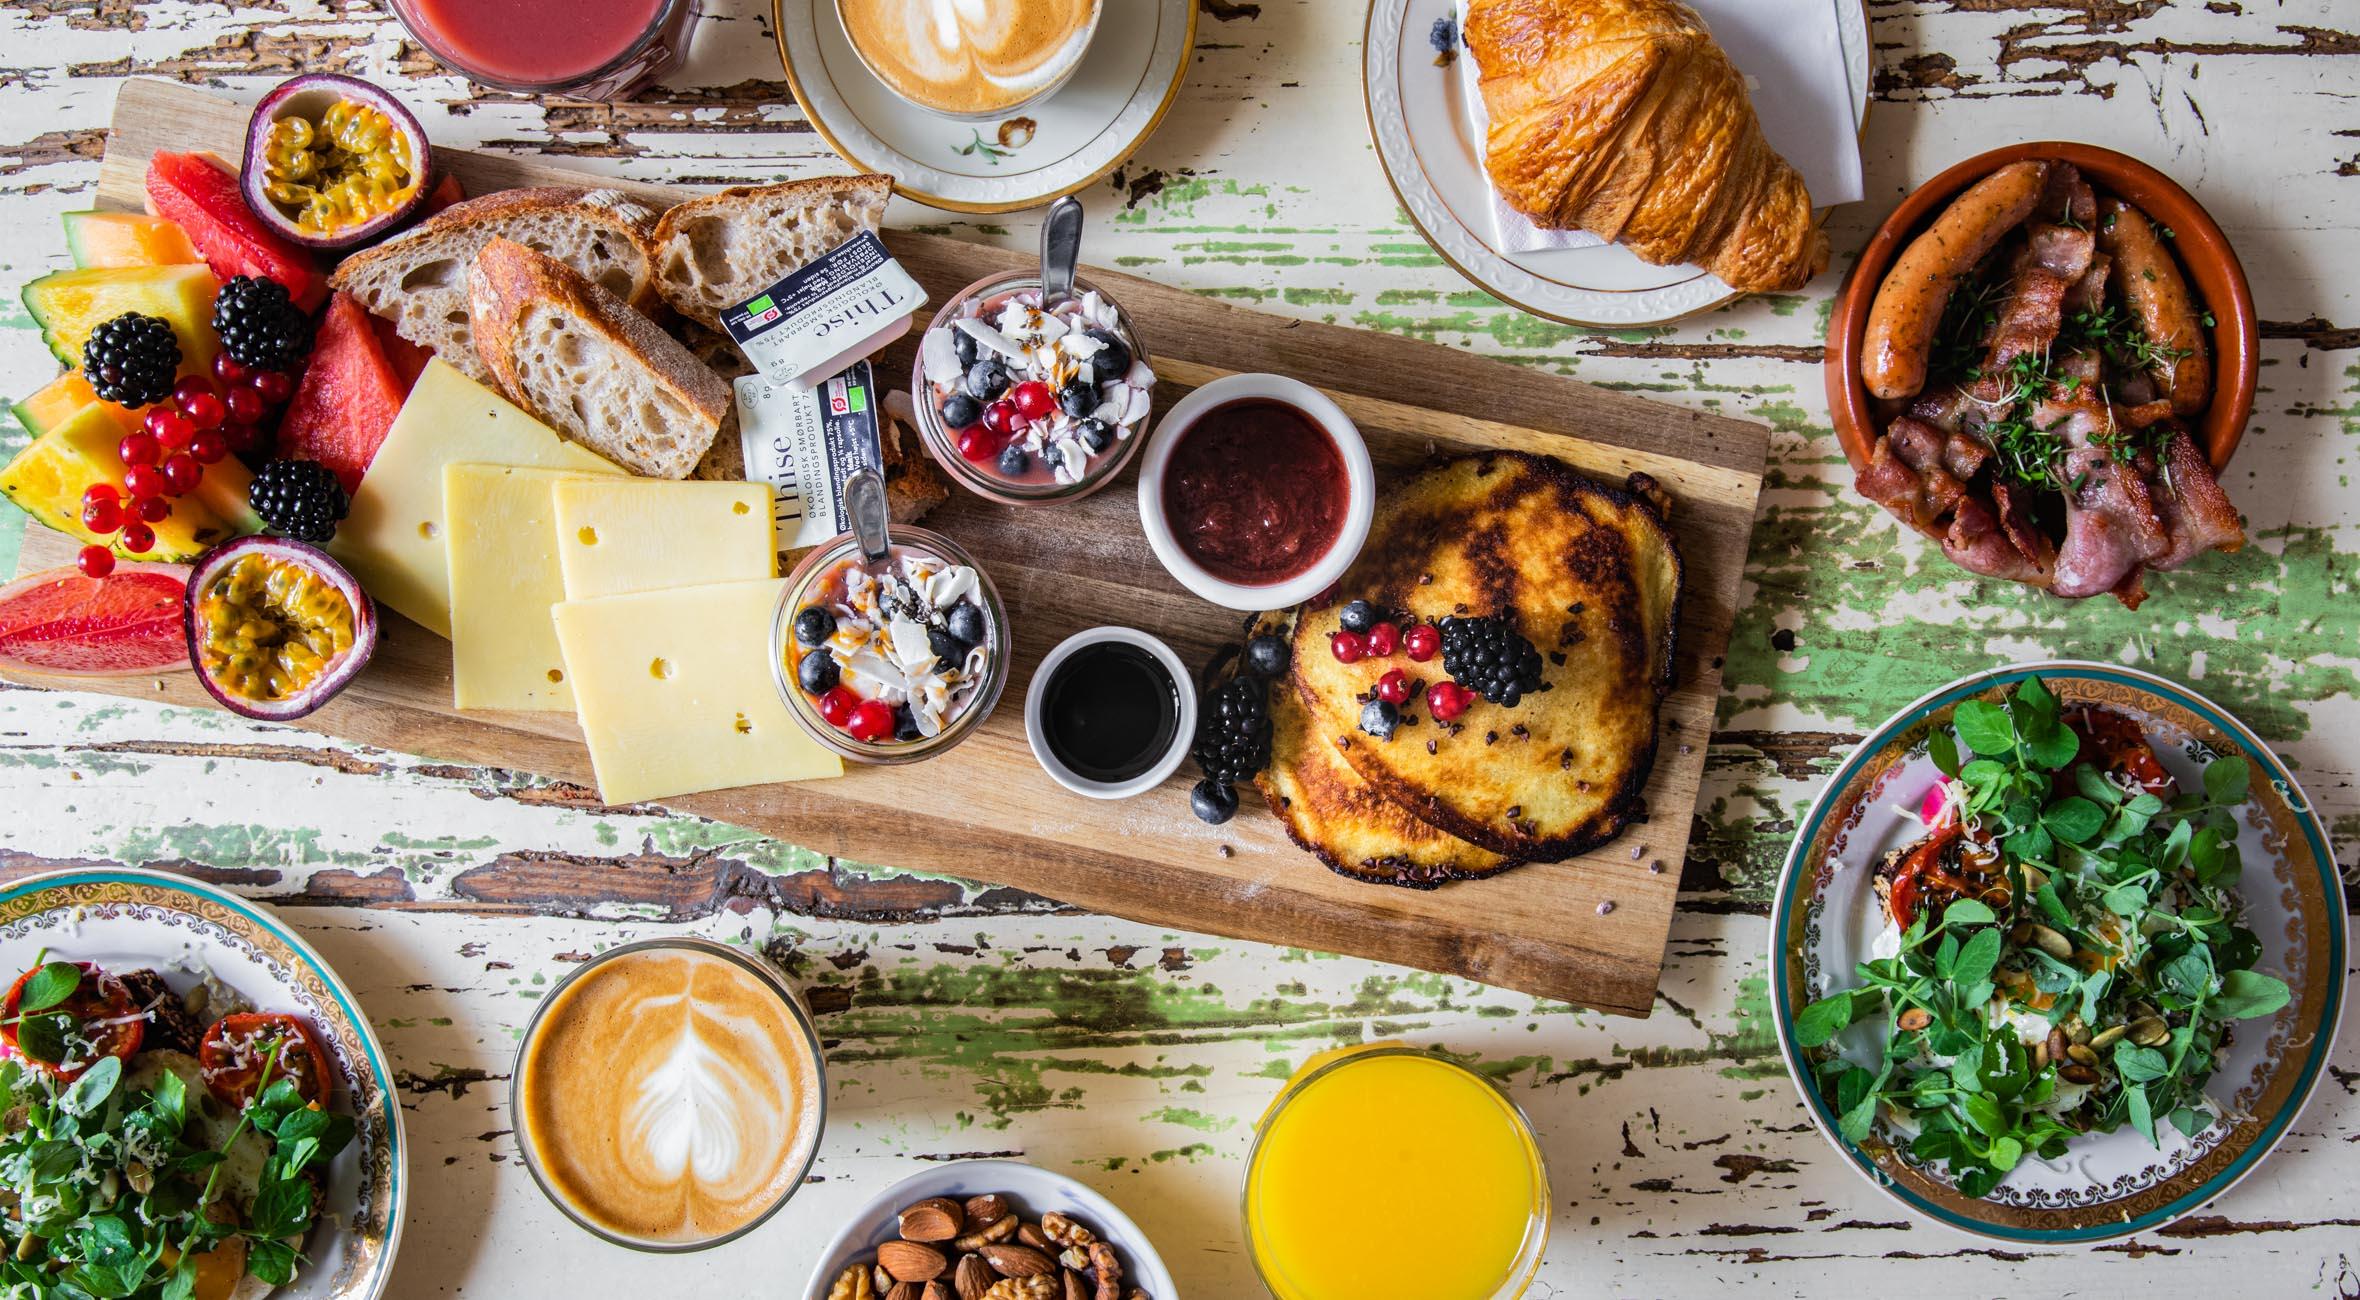 Brunch & kaffe/juice for 2 personer hos Kompa9 i Indre By – Invitér venner og familie på brunch i seriøst hyggelige omgivelser